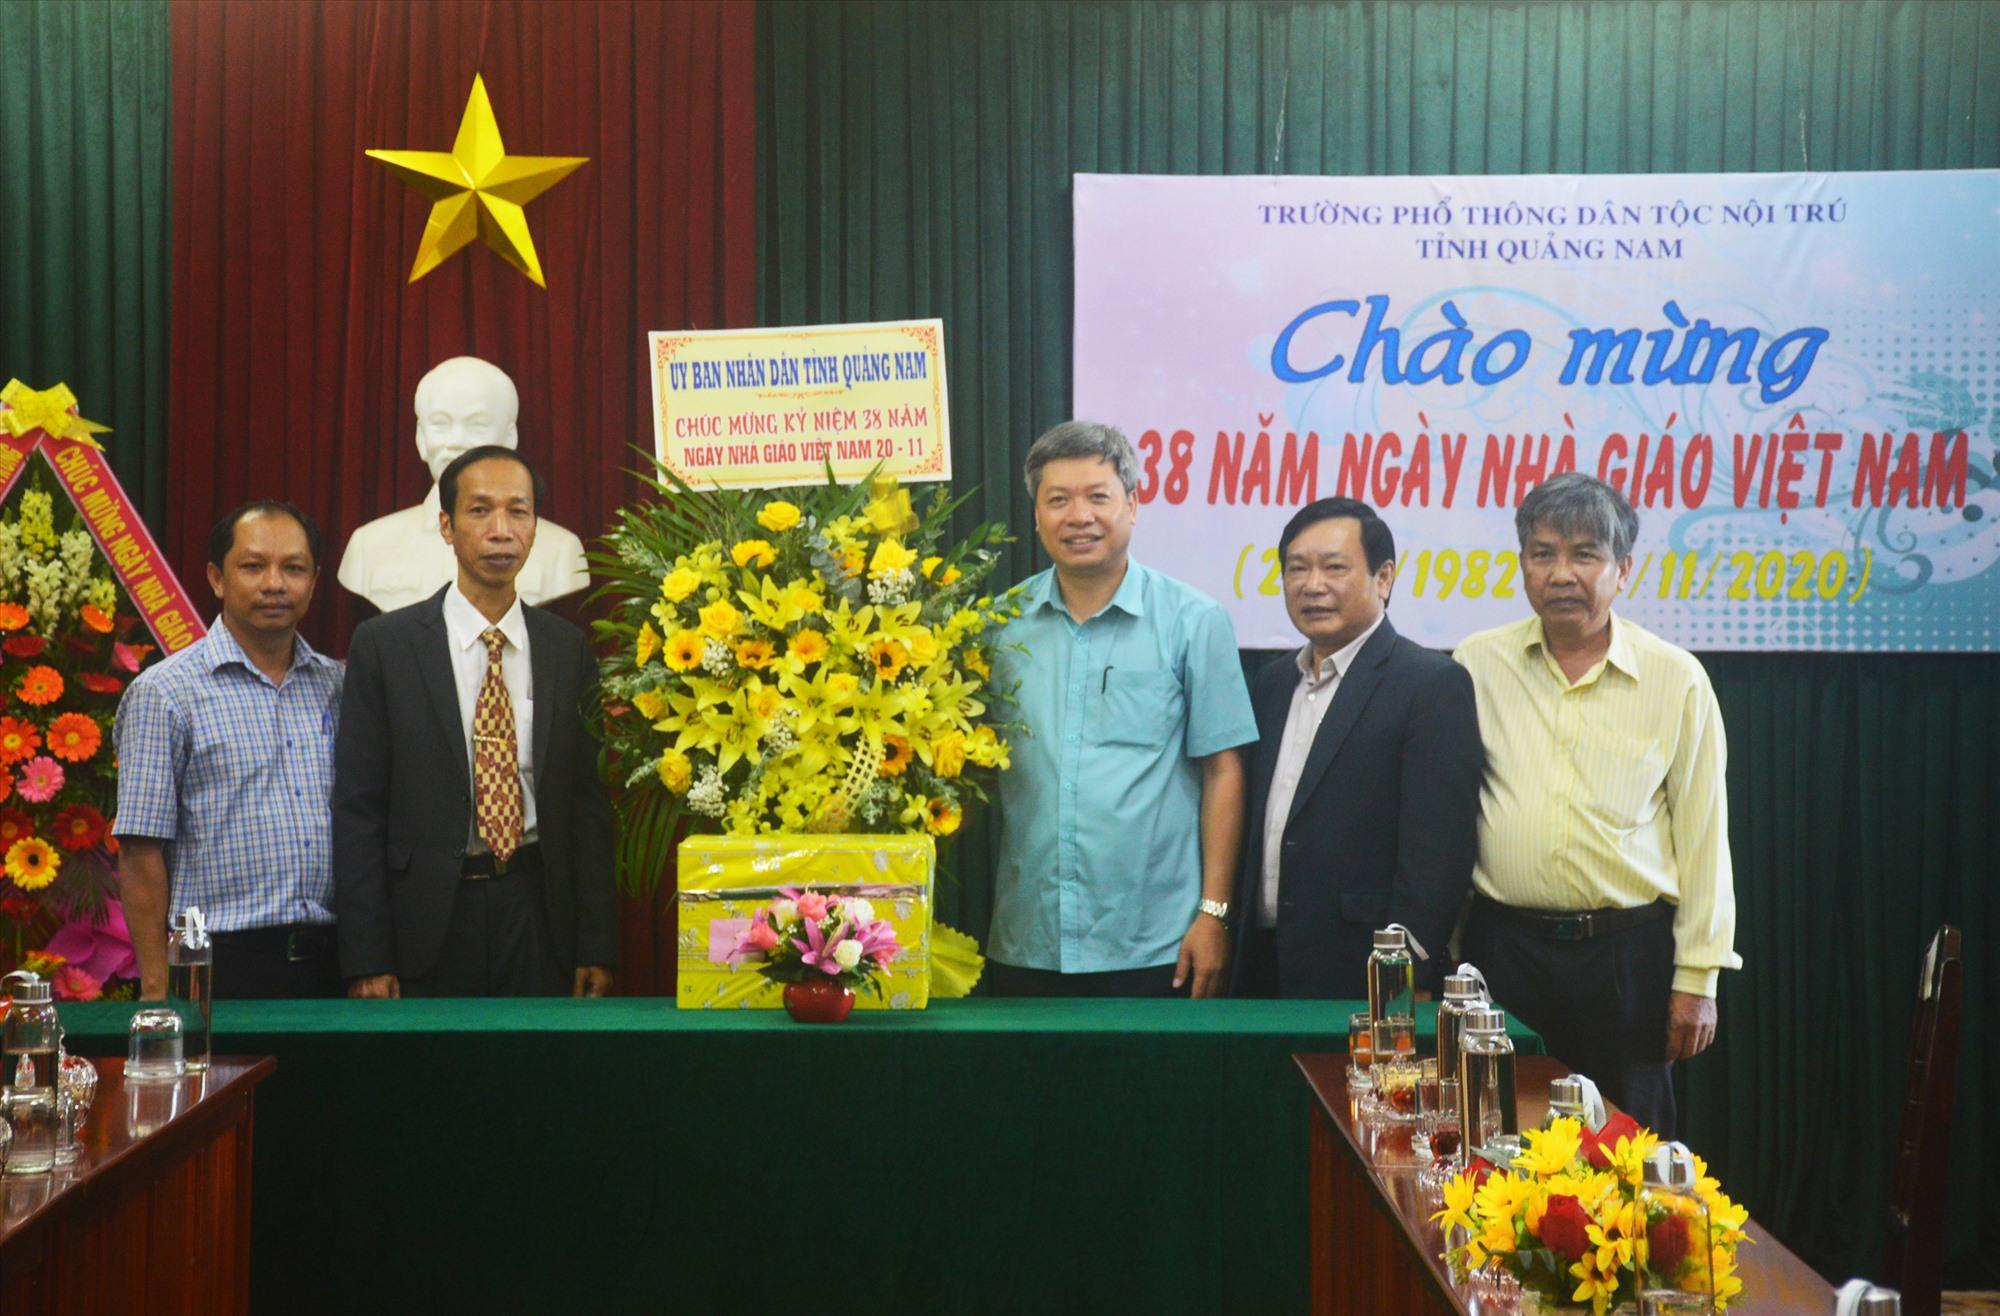 Phó Chủ tịch UBND tỉnh Hồ Quang Bửu tặng hoa chúc mừng nhà trường. Ảnh: Q.T